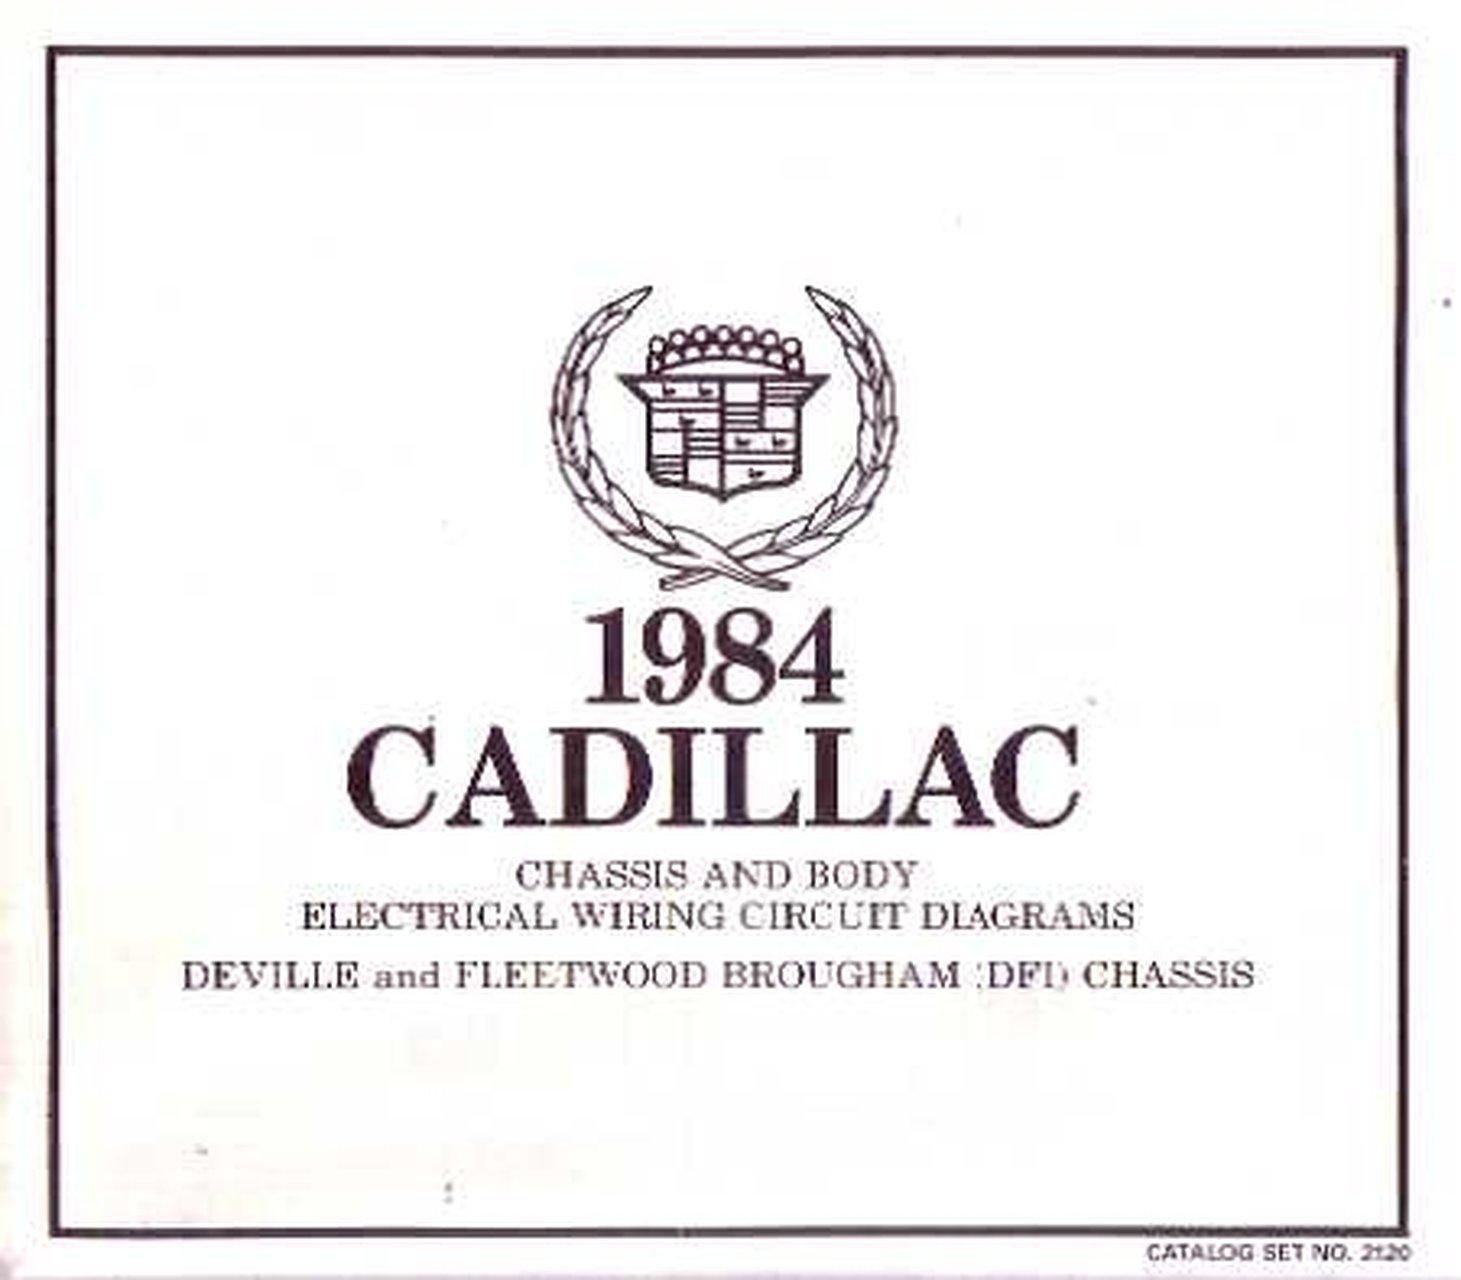 Oem Wiring Schematics Cadillac Deville Fleetwood Brougham